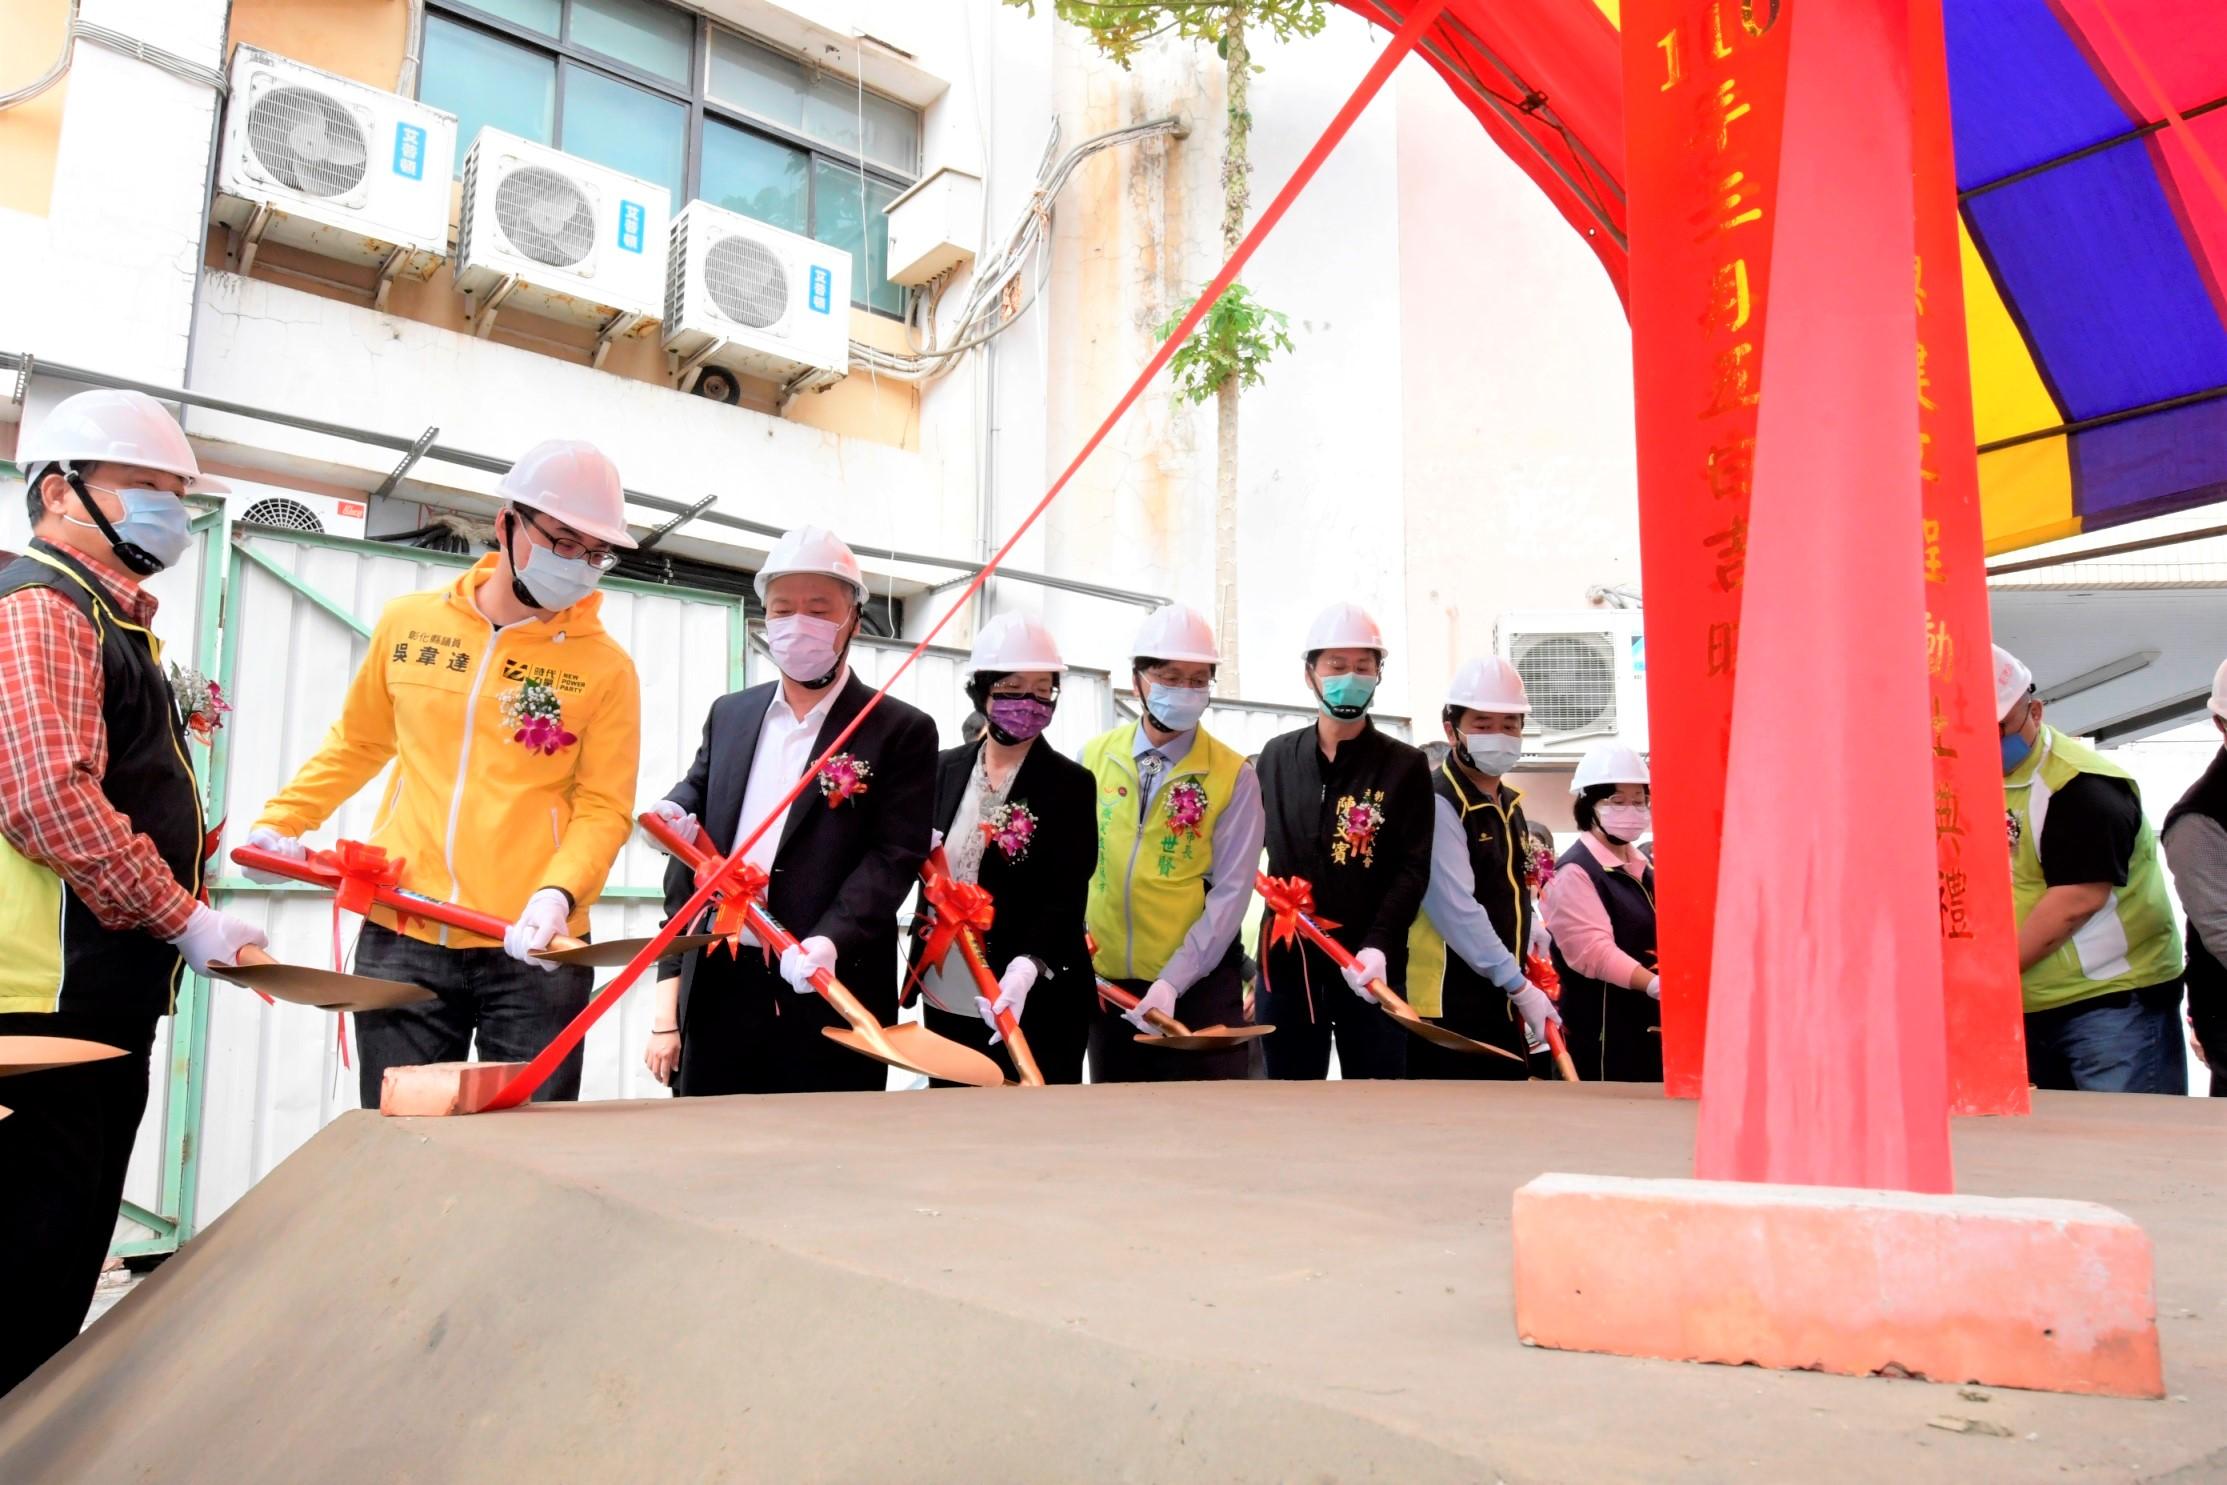 縣市合作共同促成 彰化市中央聯合里辦公室興建工程動土了